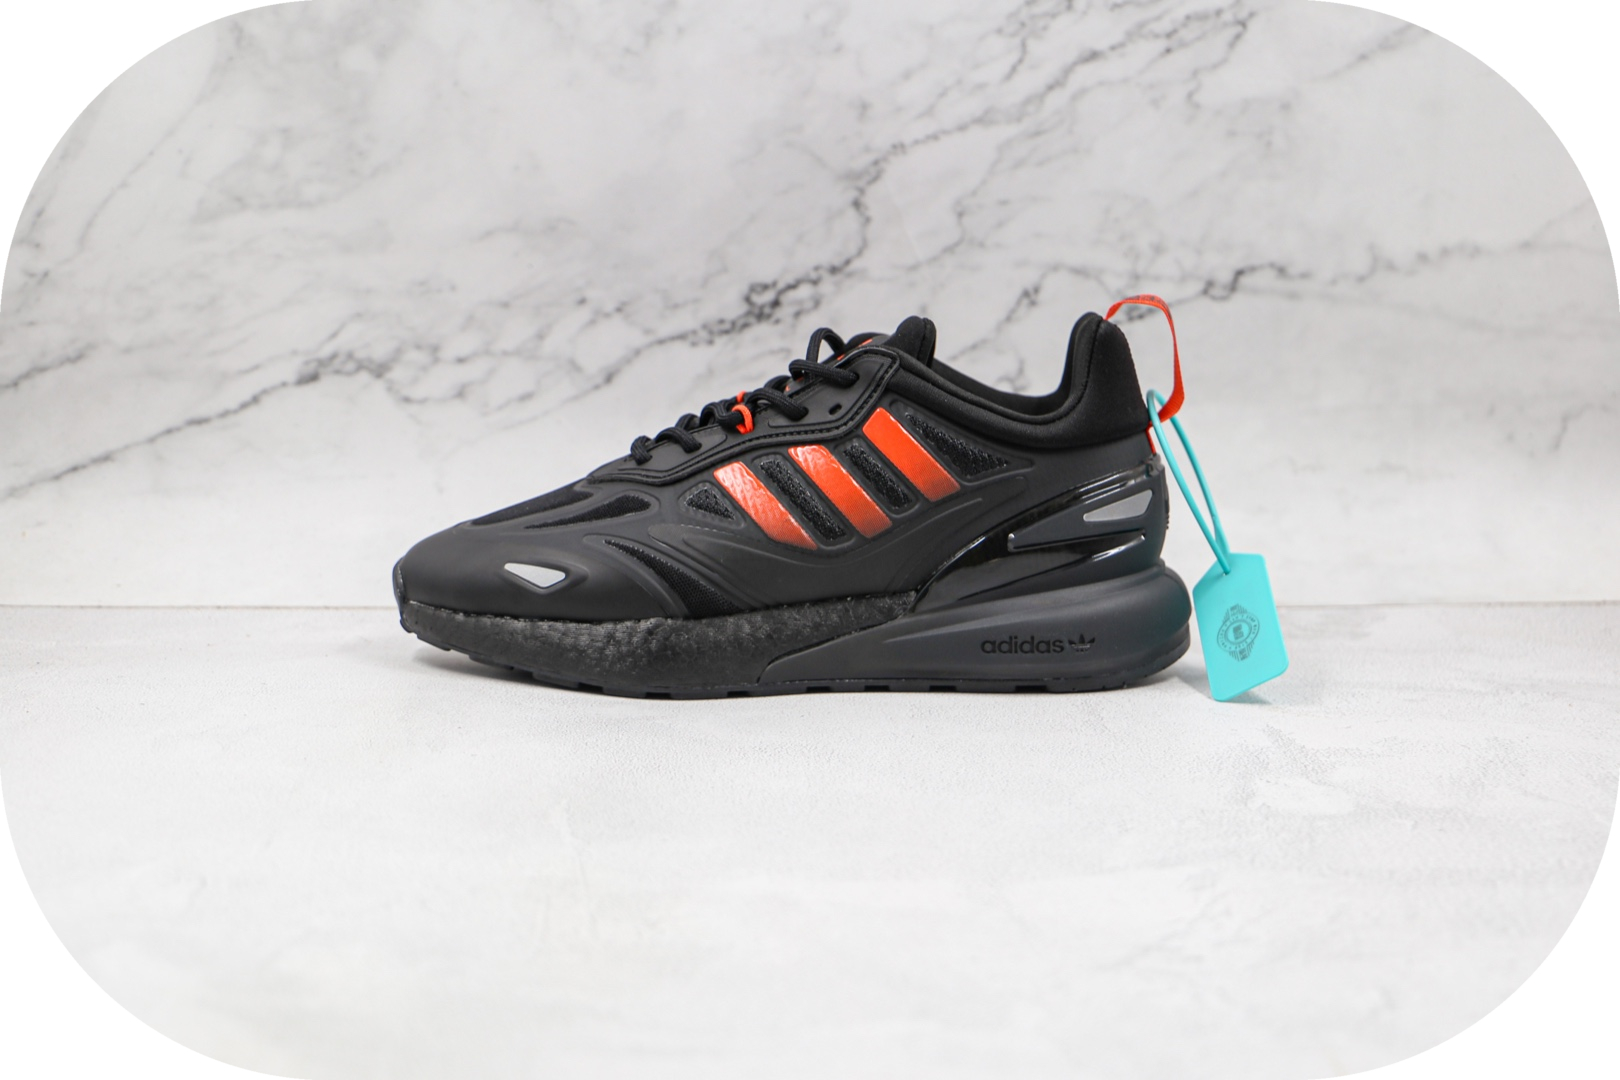 阿迪达斯Adidas Originals ZX 2K Boost 2.0纯原版本爆米花ZX 2K黑桔红色跑鞋原盒原标 货号:GZ9087